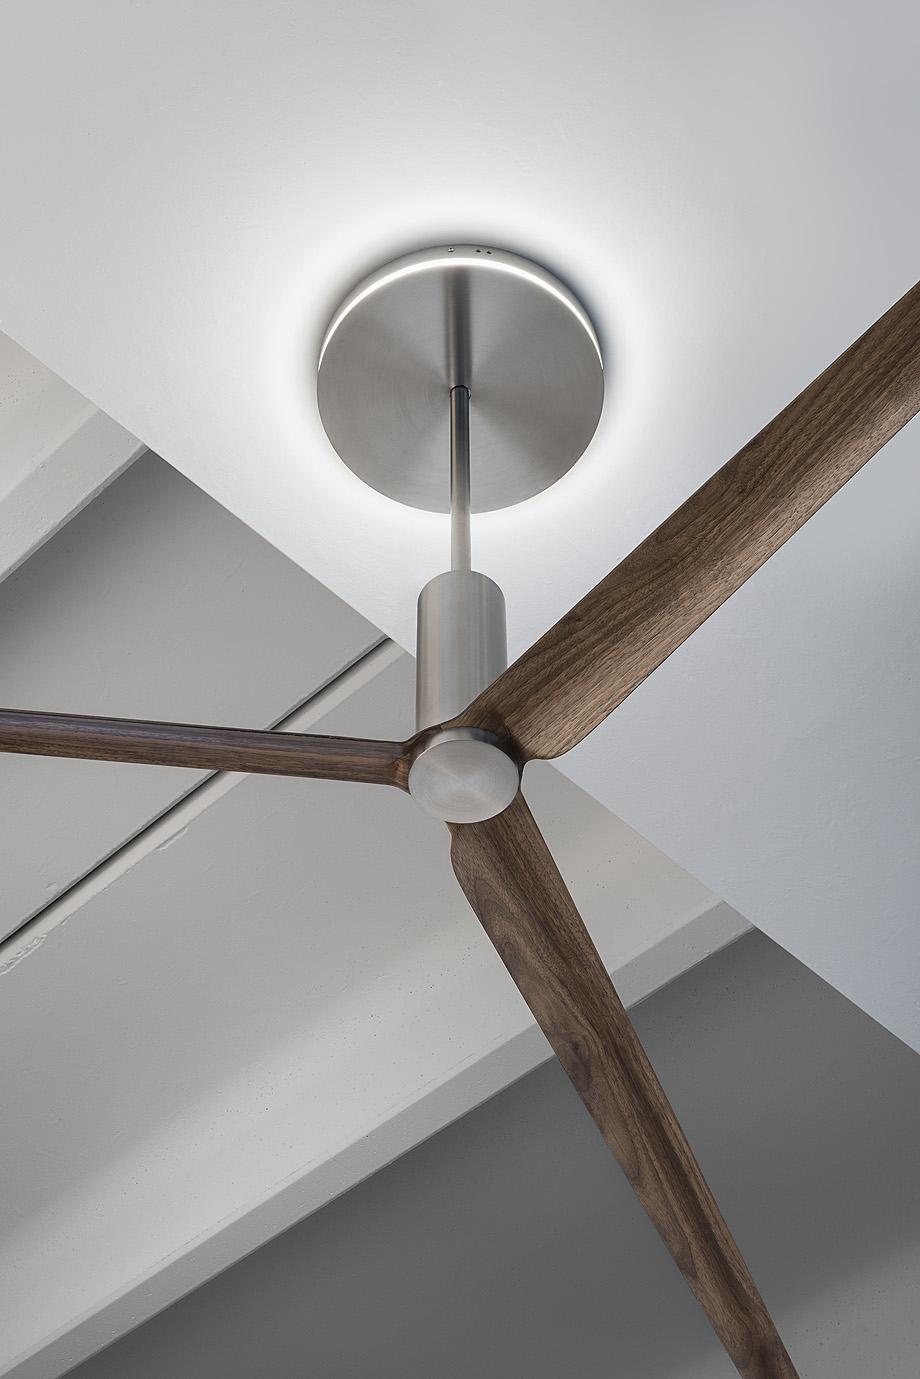 ventilador ariachiara de natalino malasorti y cea design (5)